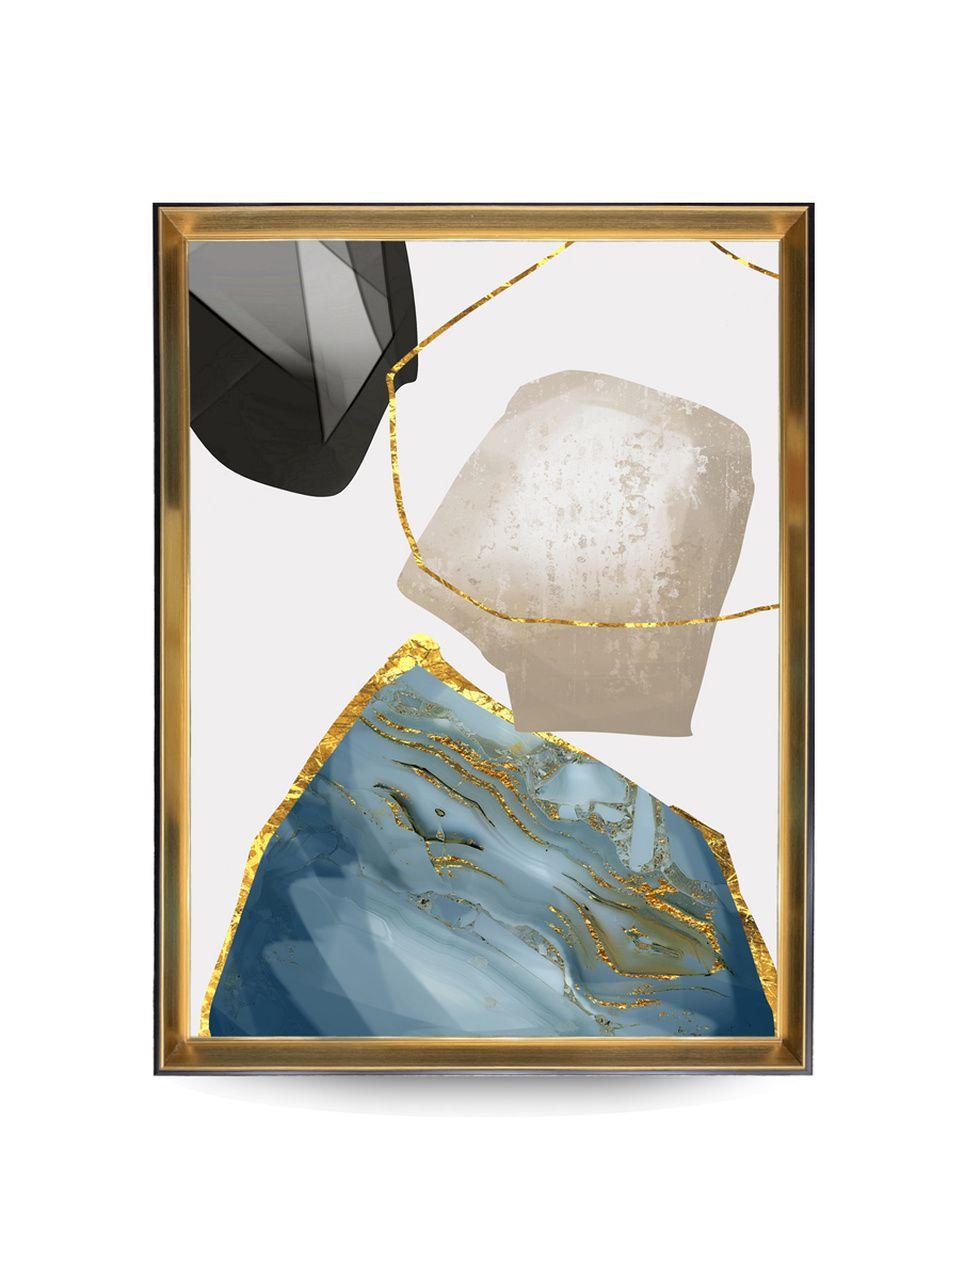 Quadro Decor Pespectiva Mineral 2